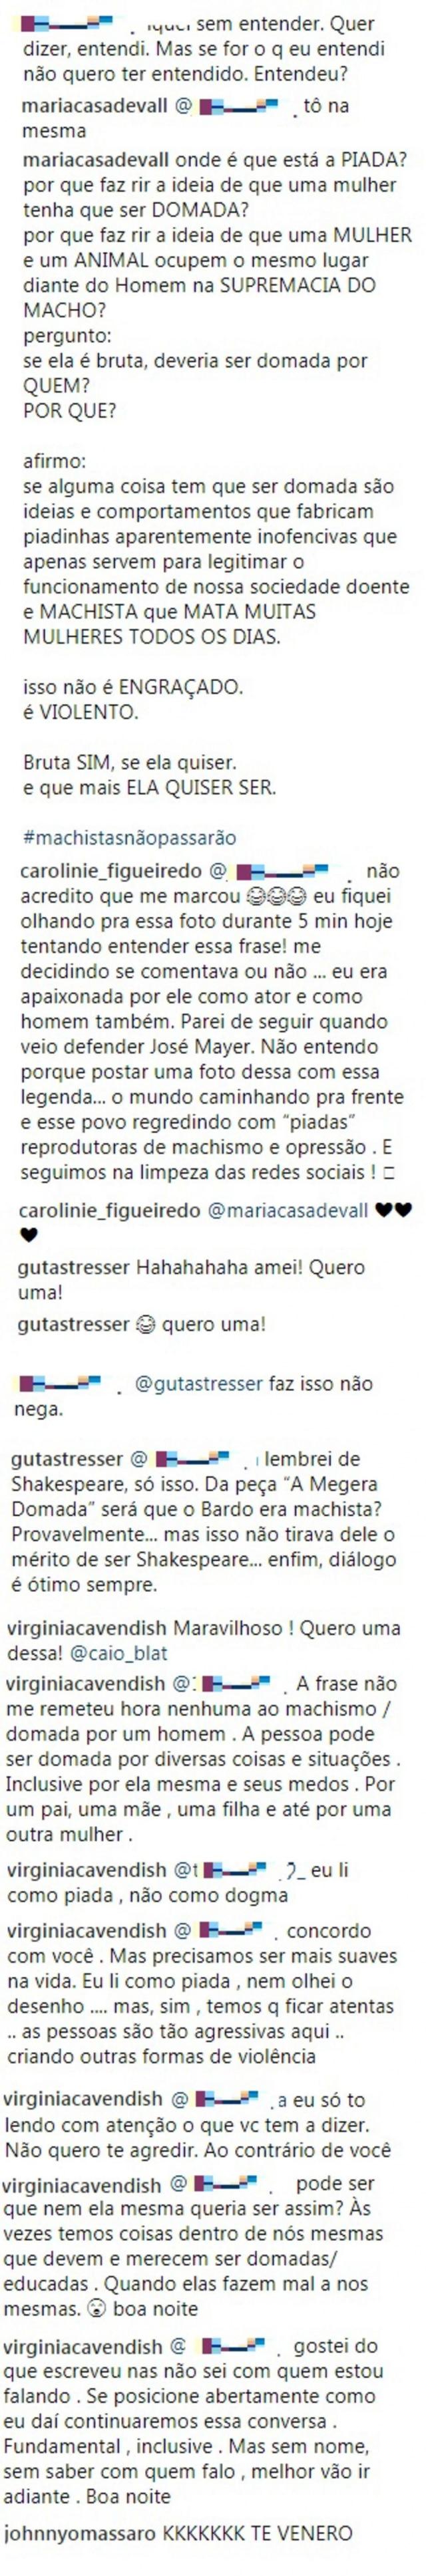 Comentários feitos no Instagram de Caio Blat.